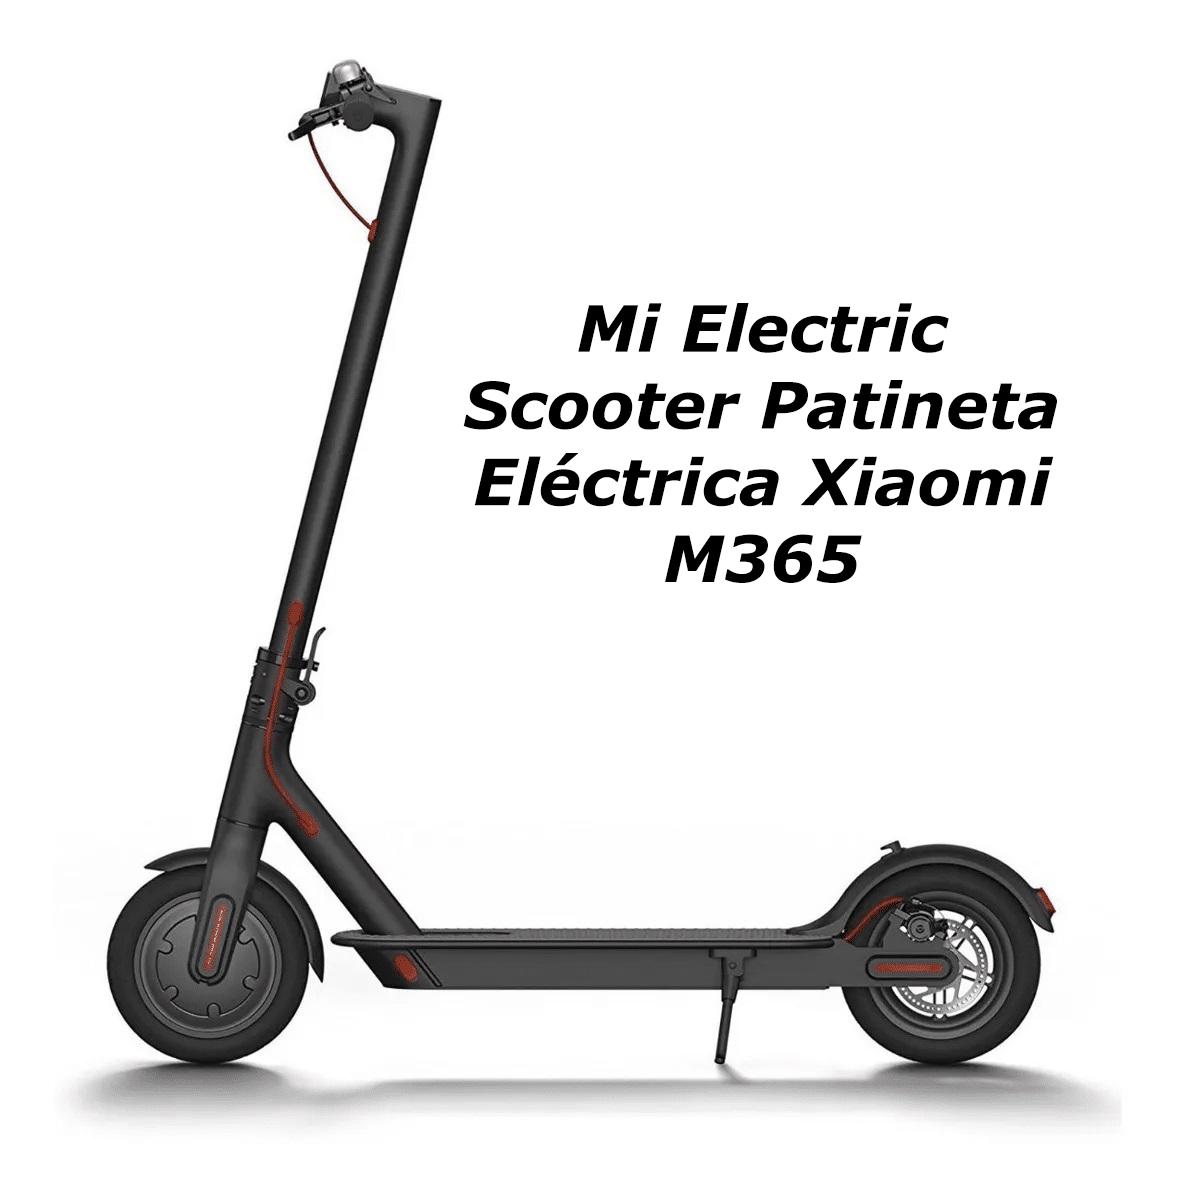 Mi Electrica Scooter Xiaomi Electrica M365